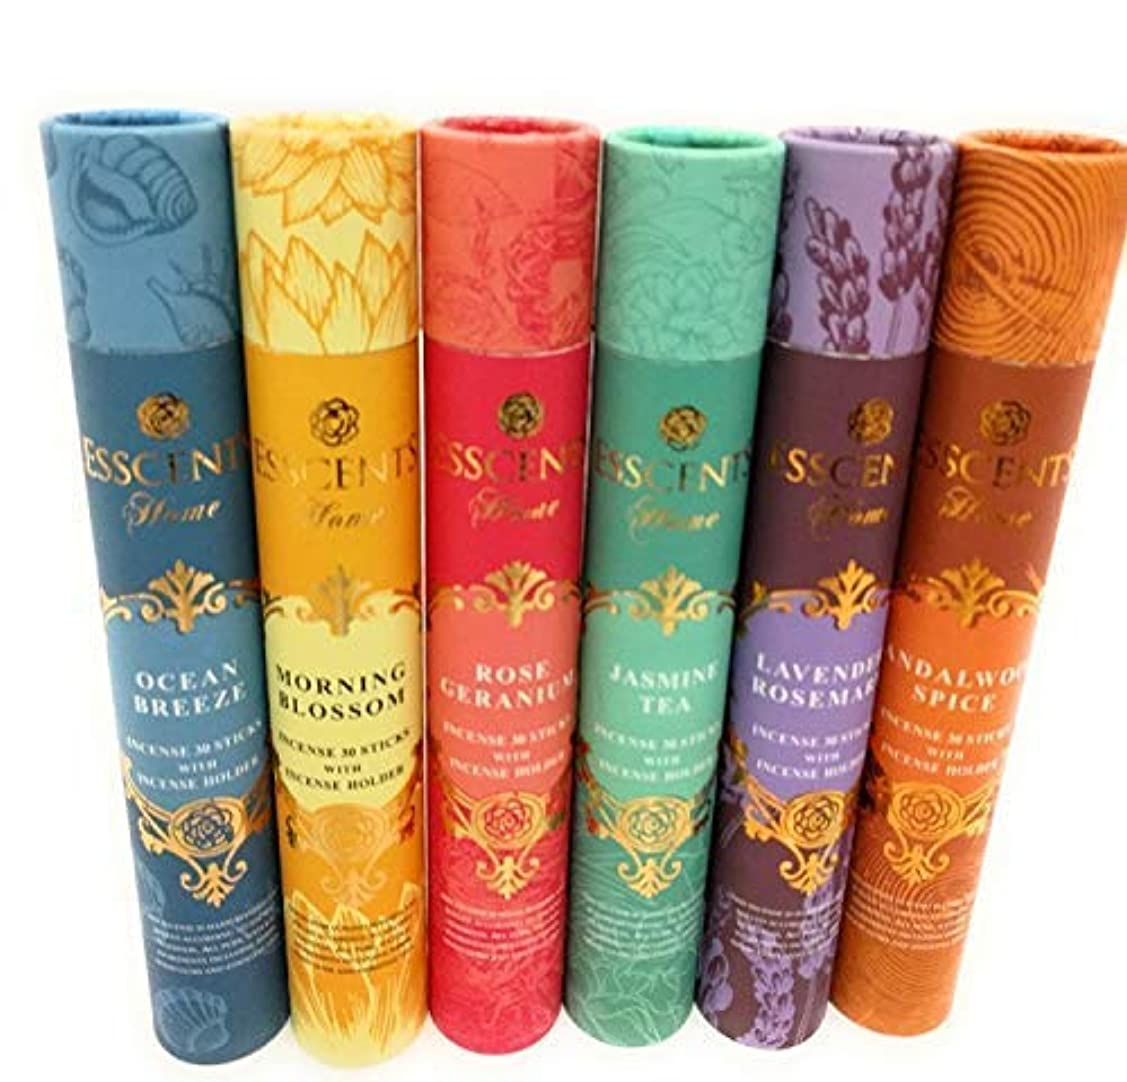 強大な愛人人生を作るEssence incense gift pack 180 sticks with incense holder 6 flavours, Ocean,Morning Blosom,Jasmine tea,Rose Geranium...